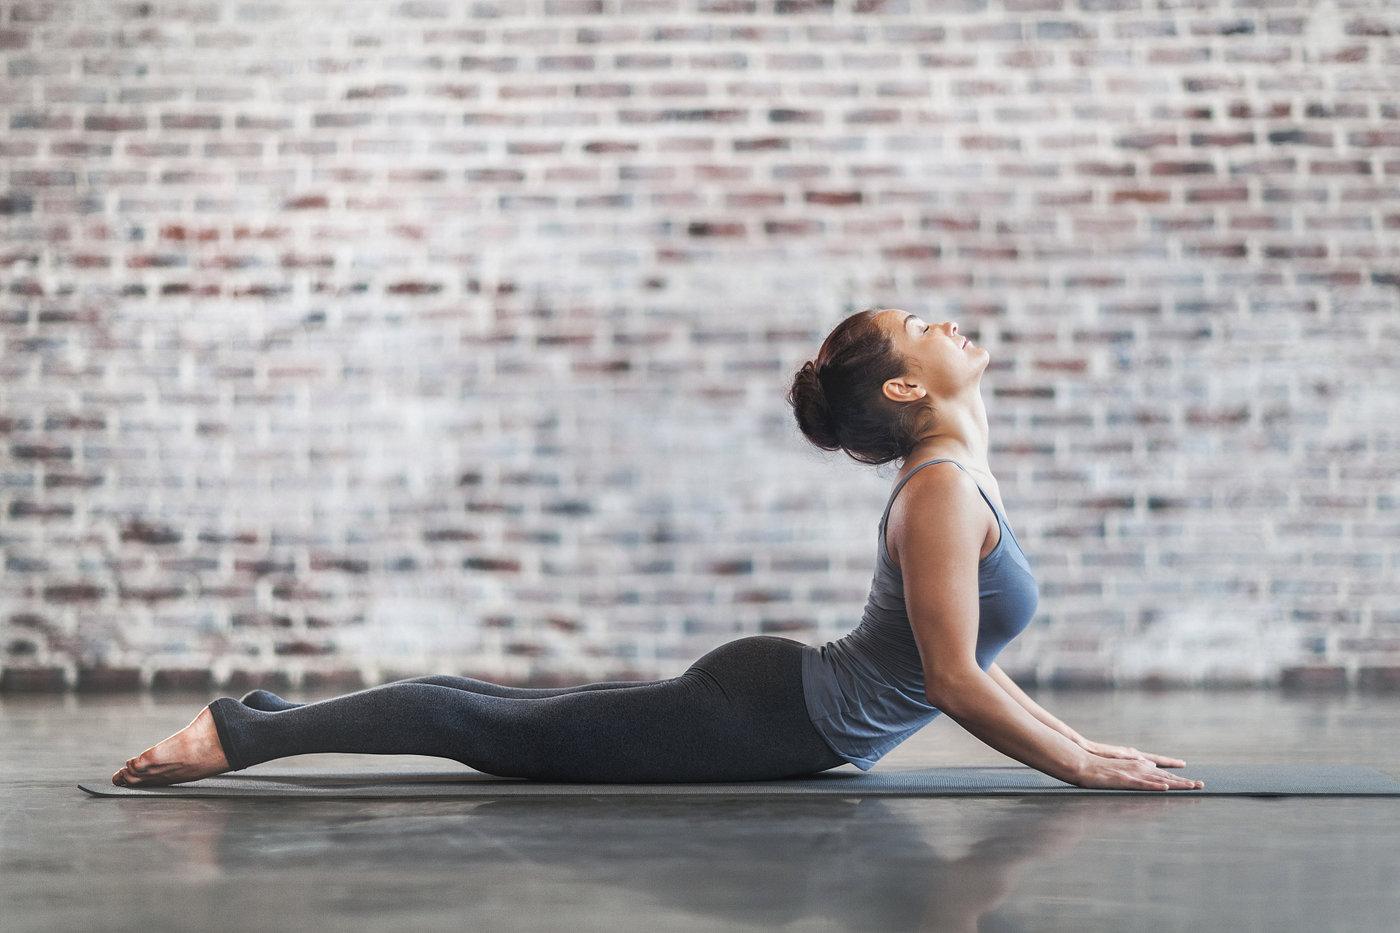 瑜伽裤里的生意经:lululemon快速崛起启示录-钛媒体官方网站